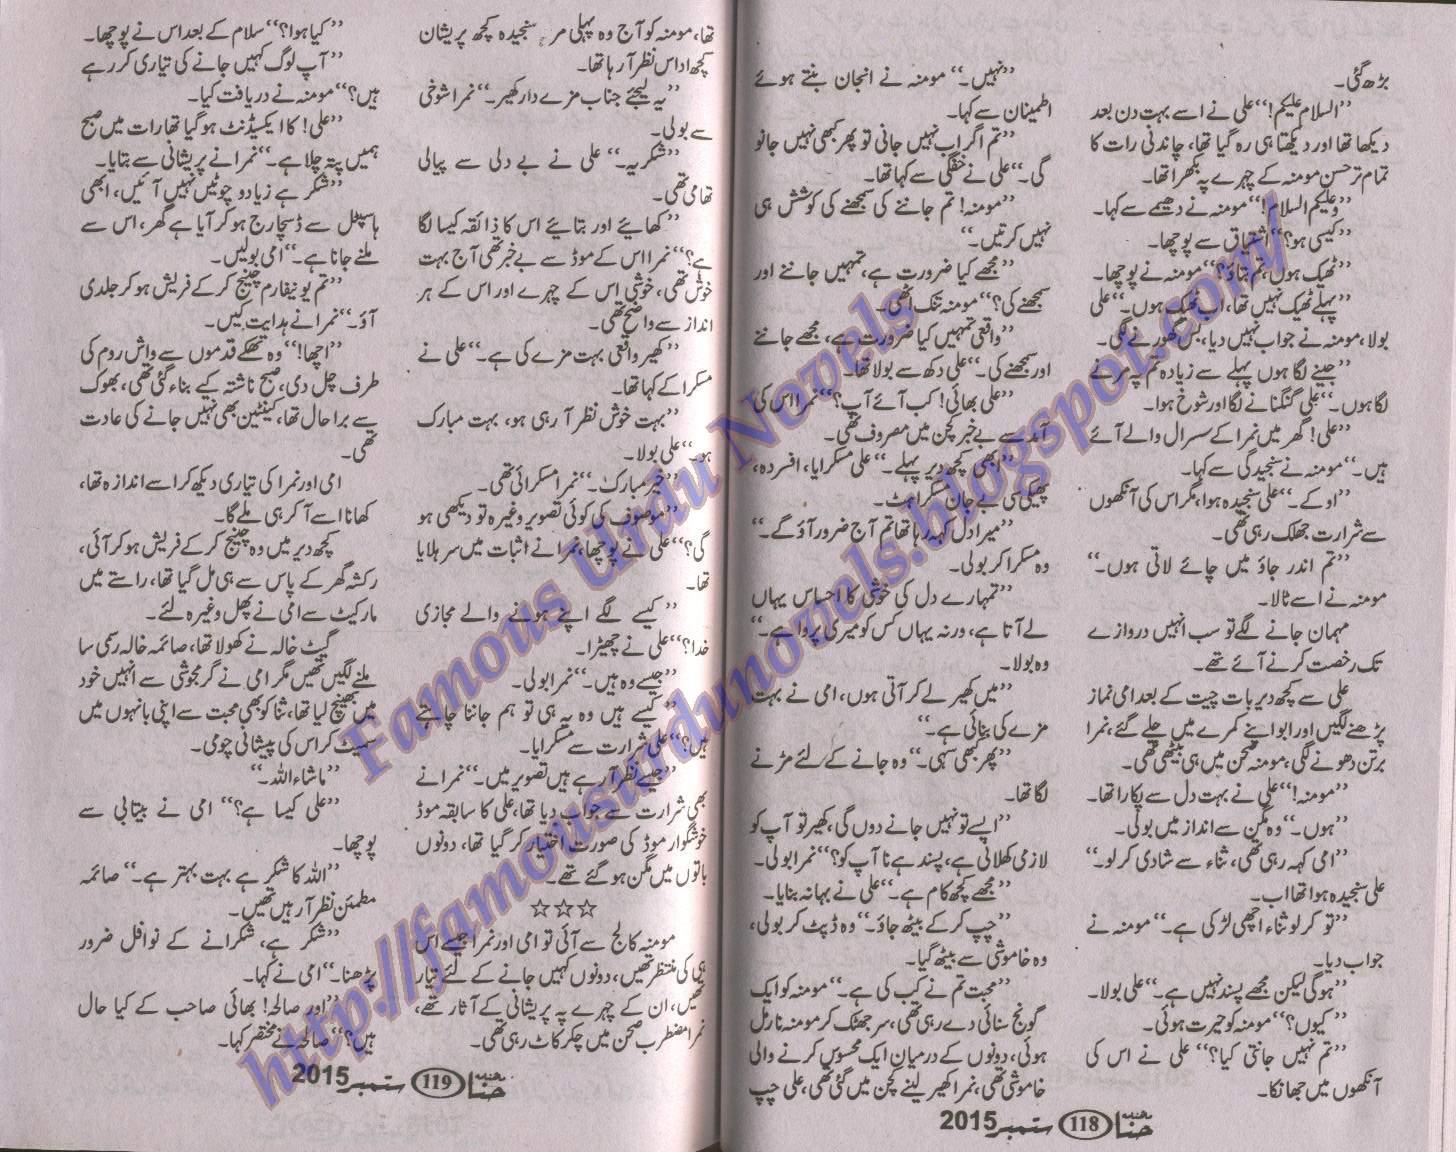 Kutab Library: Bicharna bhi zaroori tha by Huma Rao Online Reading.